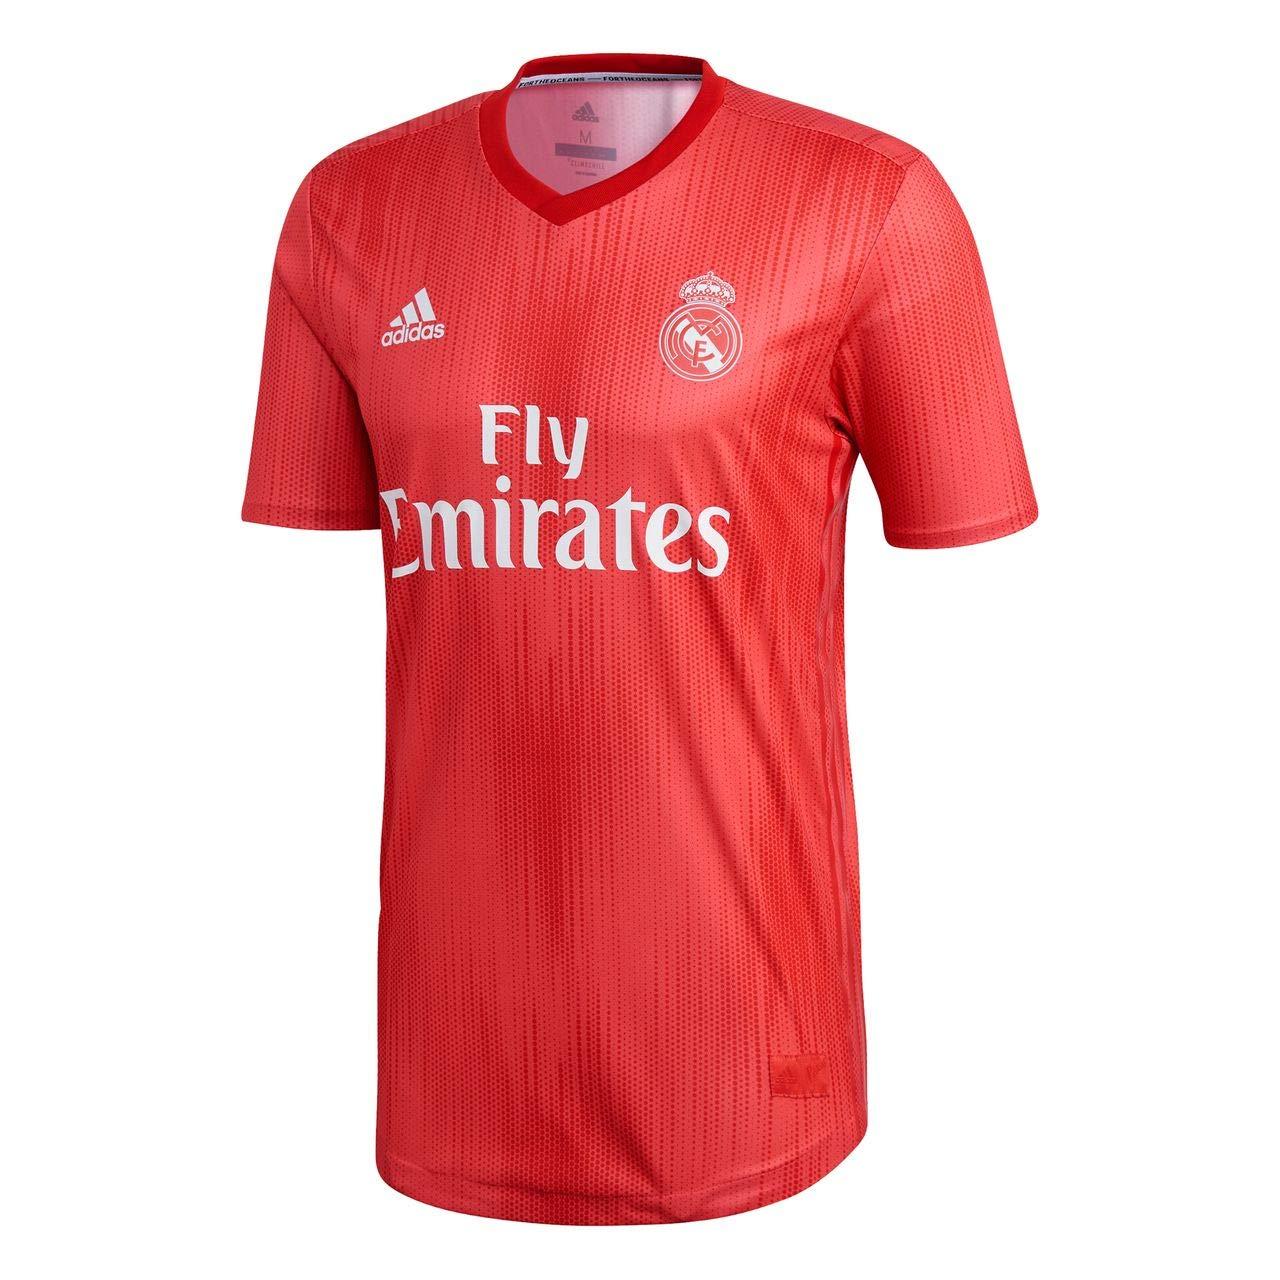 adidas Camiseta Real Madrid Tercera Equipación Authentic 2018-2019 Real Coral-Vivid Red: Amazon.es: Deportes y aire libre